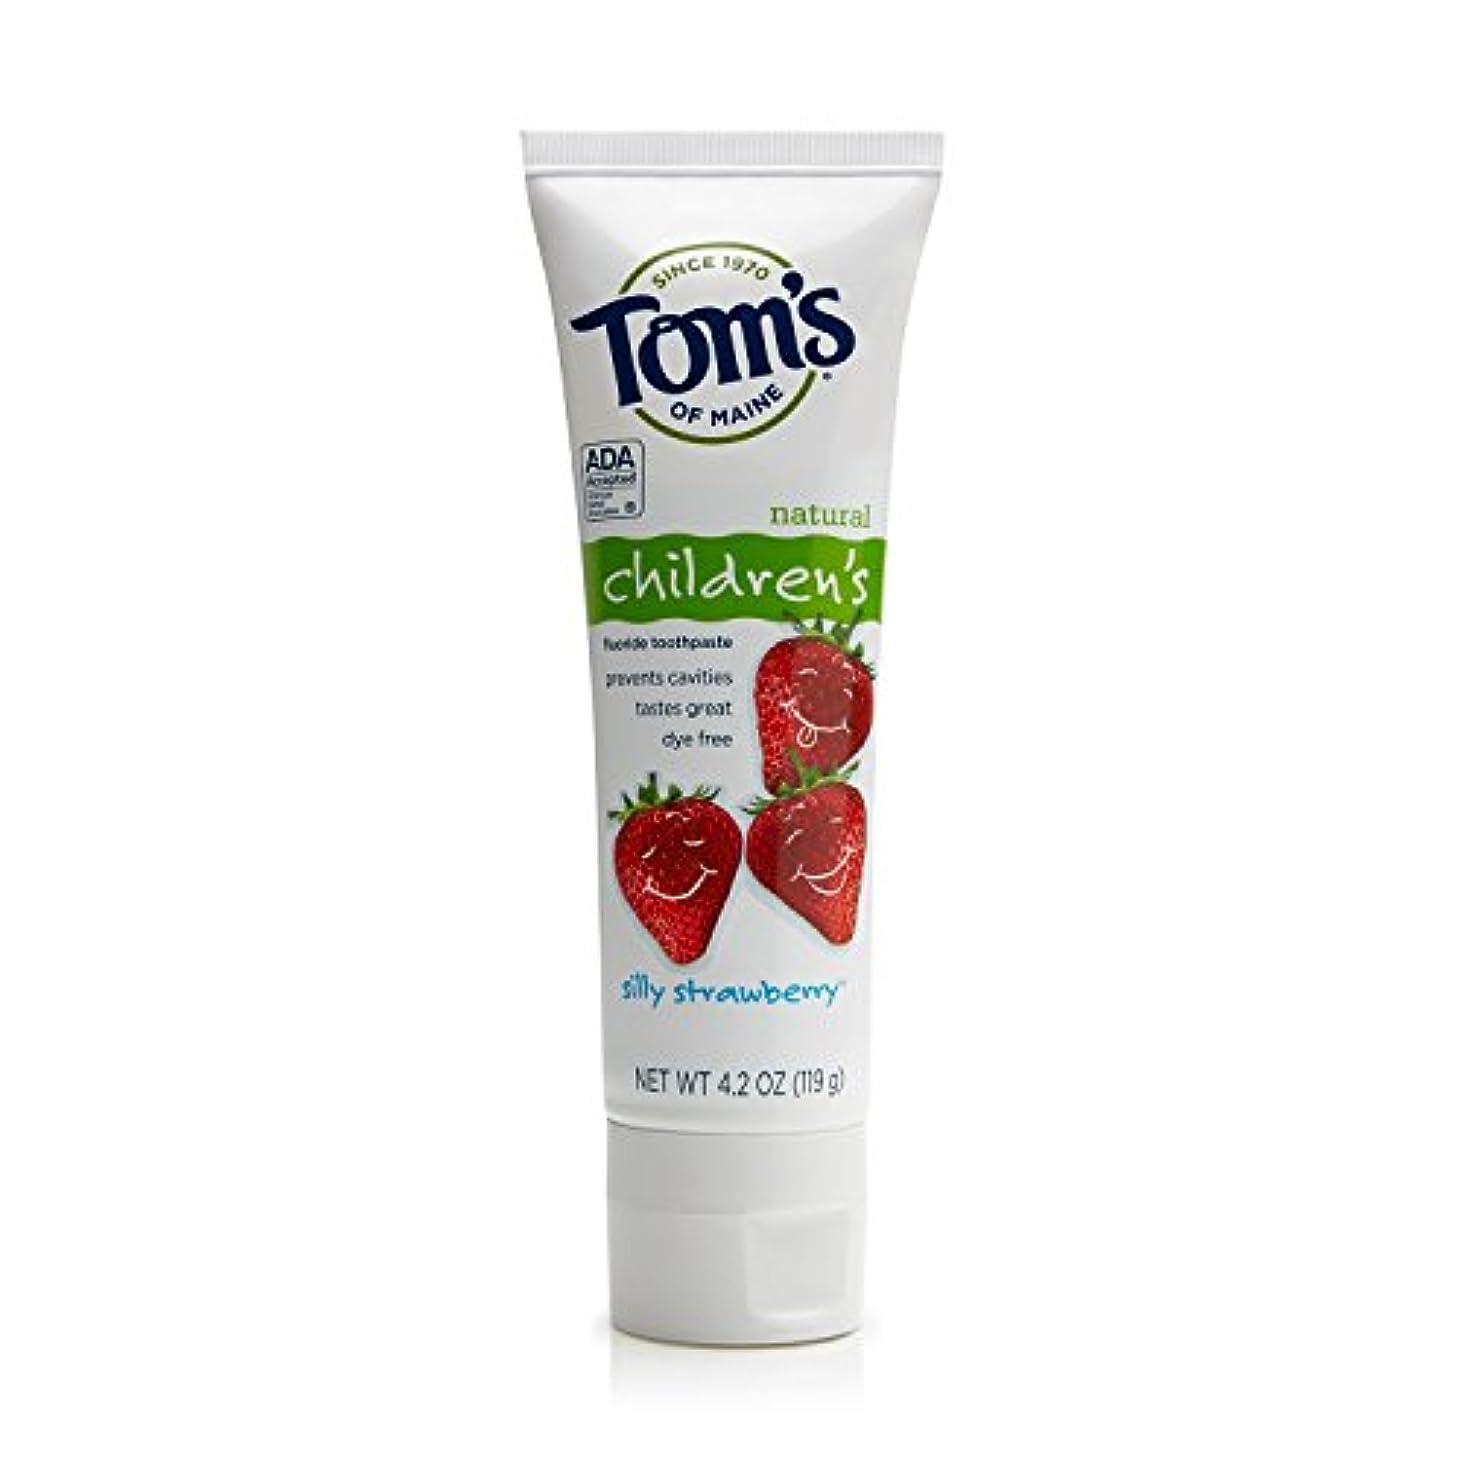 顔料降伏薄暗いTom's of Maine 4.2 oz. Silly Strawberry Natural Children's Anticavity Toothpaste by Tom's of Maine